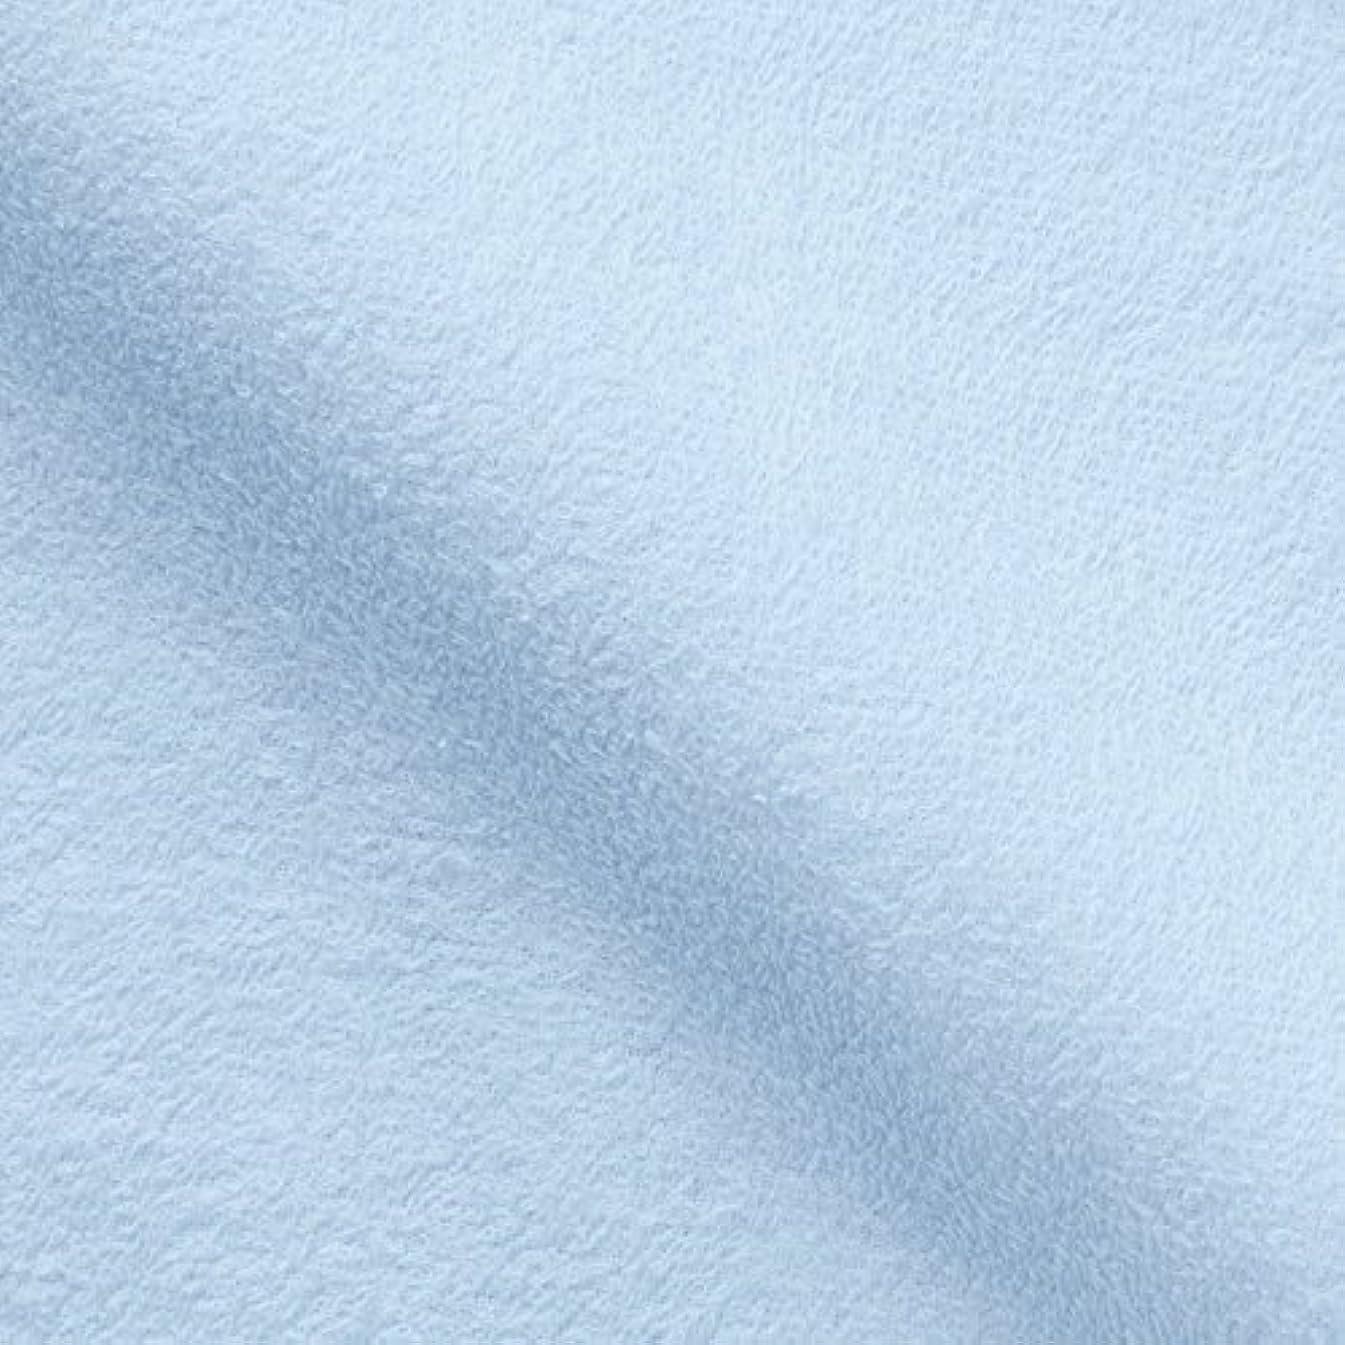 証明書ブリリアントまあキヨタ 抗菌介護タオル(フェイスタオル12枚入) ブルー 34×84cm